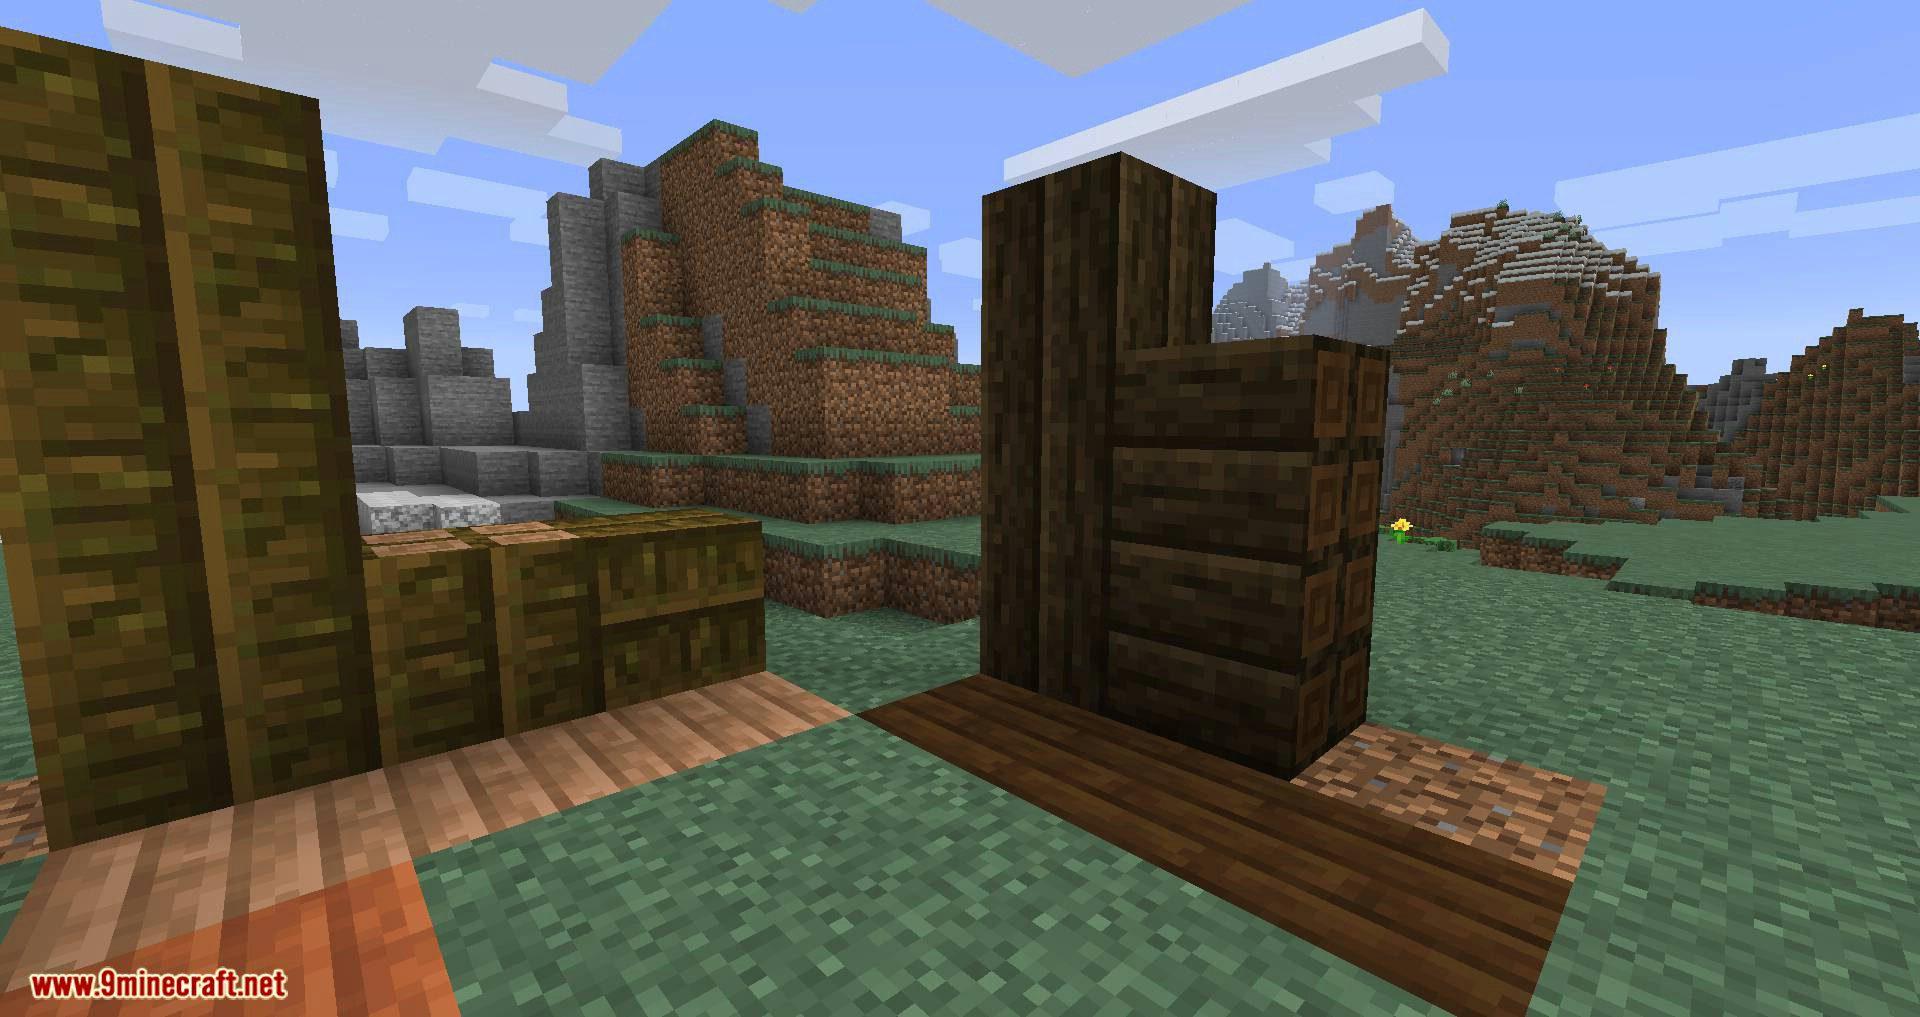 Druidcraft mod for minecraft 02